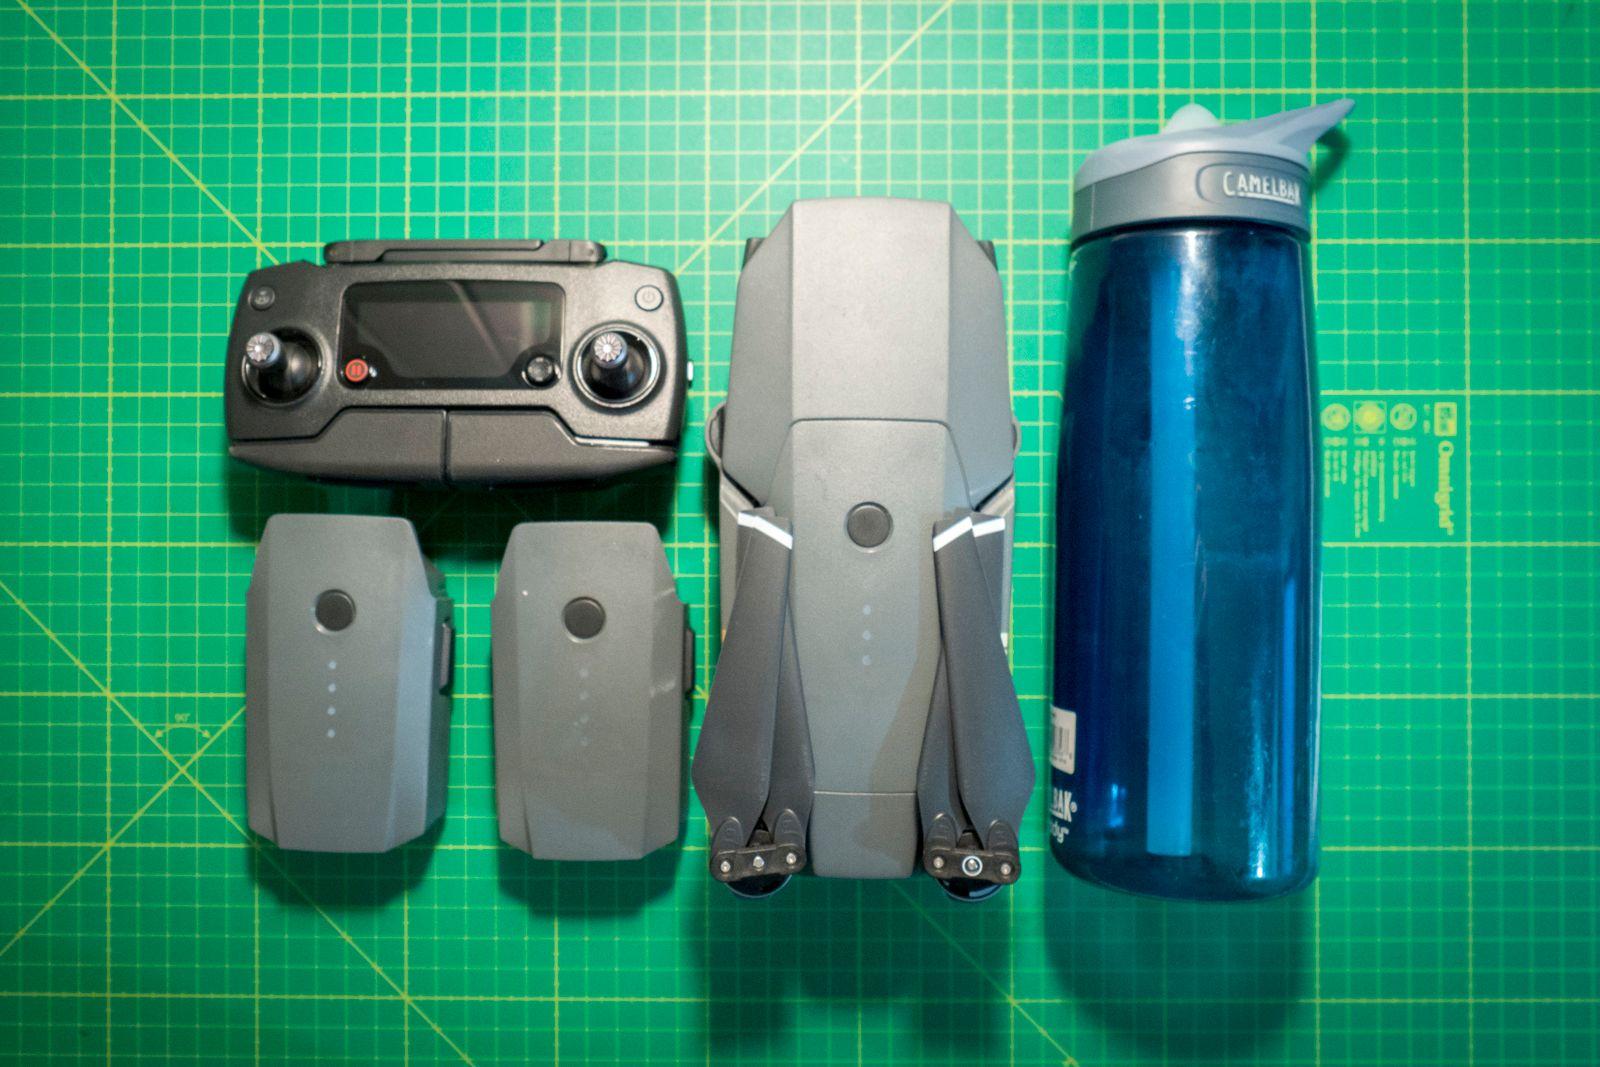 Vi har testet «Fly More»-komboen som inkluderer dronen, kontrolleren, to ekstra batterier, en bæreveske en ladehub for å lade opp til fire batterier, billader, ett ekstra propellsett og et «powerbank adapter» som lar oss bruke Mavic-batteriene til å lade ting via USB, som for eksempel smarttelefonen eller kontrolleren.